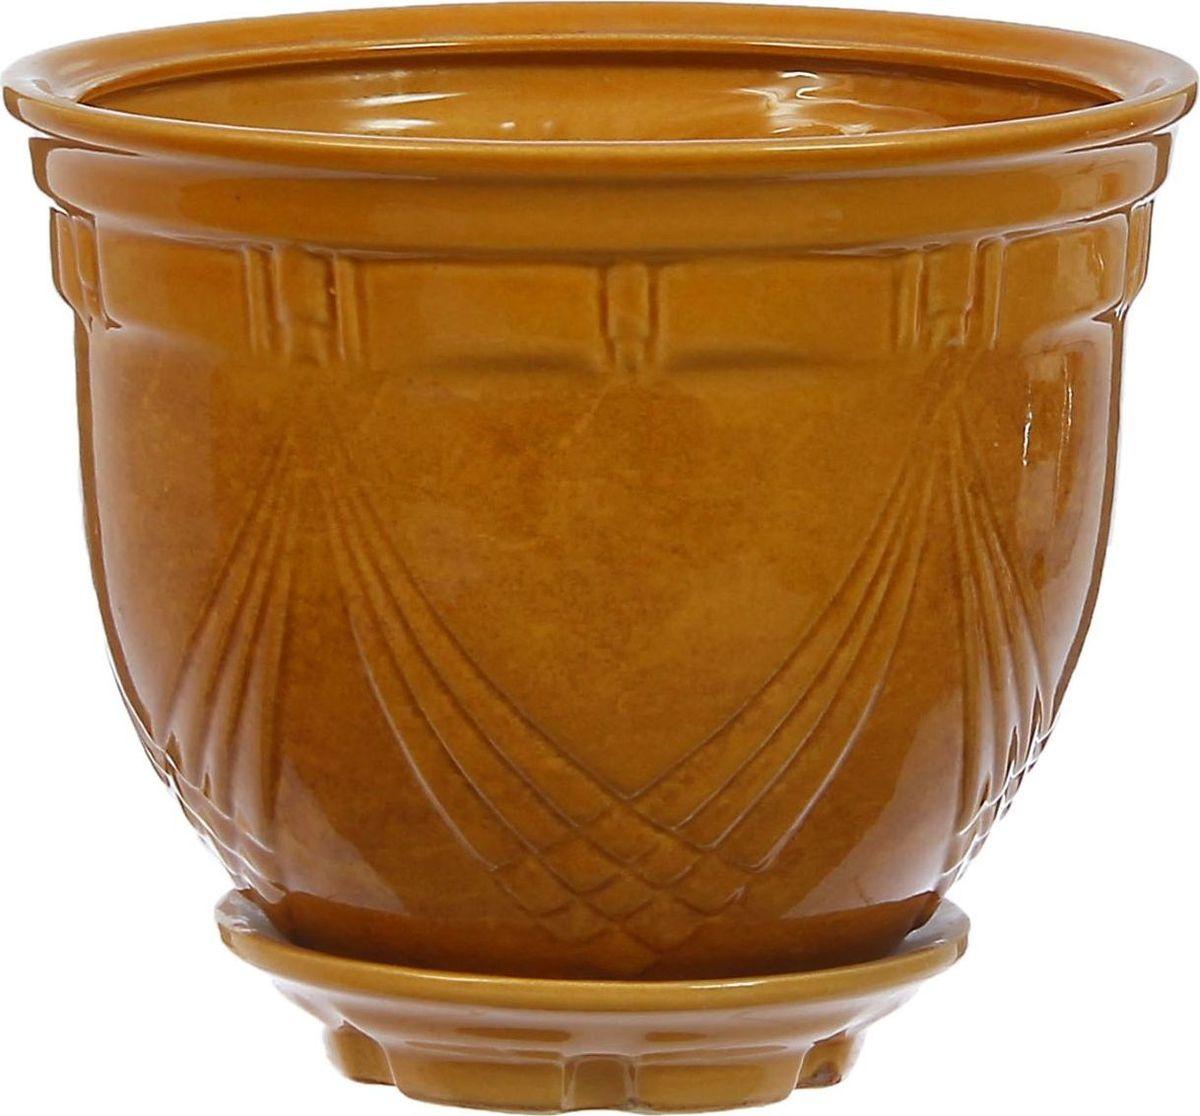 Кашпо Мирида, цвет: горчичный, 5 л1304586Комнатные растения — всеобщие любимцы. Они радуют глаз, насыщают помещение кислородом и украшают пространство. Каждому из них необходим свой удобный и красивый дом. Кашпо из керамики прекрасно подходят для высадки растений: за счёт пластичности глины и разных способов обработки существует великое множество форм и дизайновпористый материал позволяет испаряться лишней влагевоздух, необходимый для дыхания корней, проникает сквозь керамические стенки! #name# позаботится о зелёном питомце, освежит интерьер и подчеркнёт его стиль.